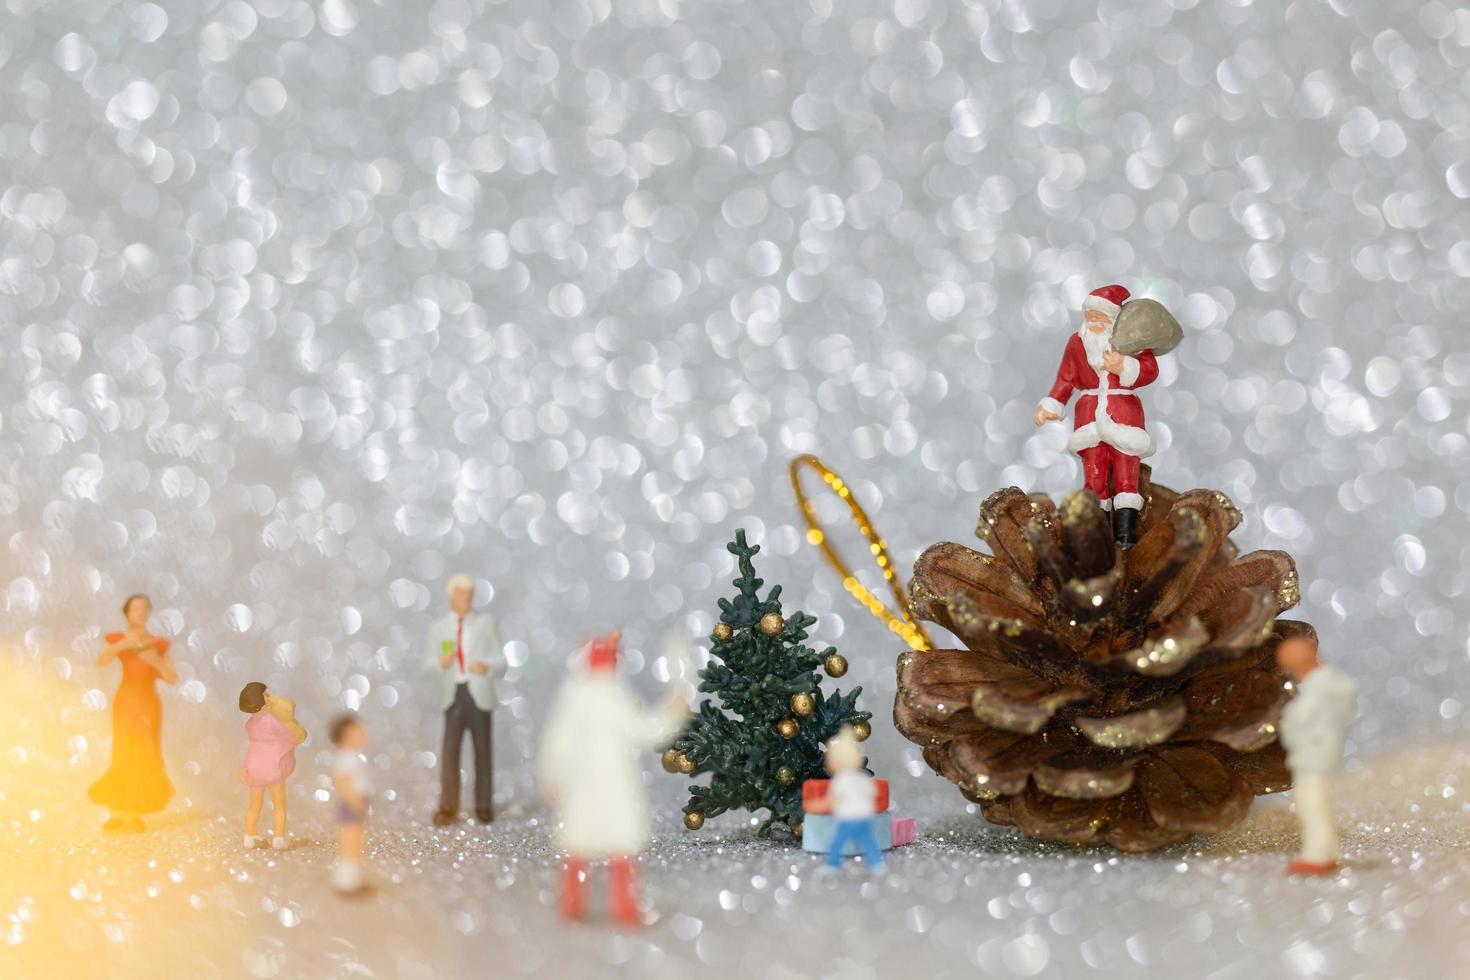 Miniaturfiguren von Menschen, die Weihnachtsschmuck aufstellen foto